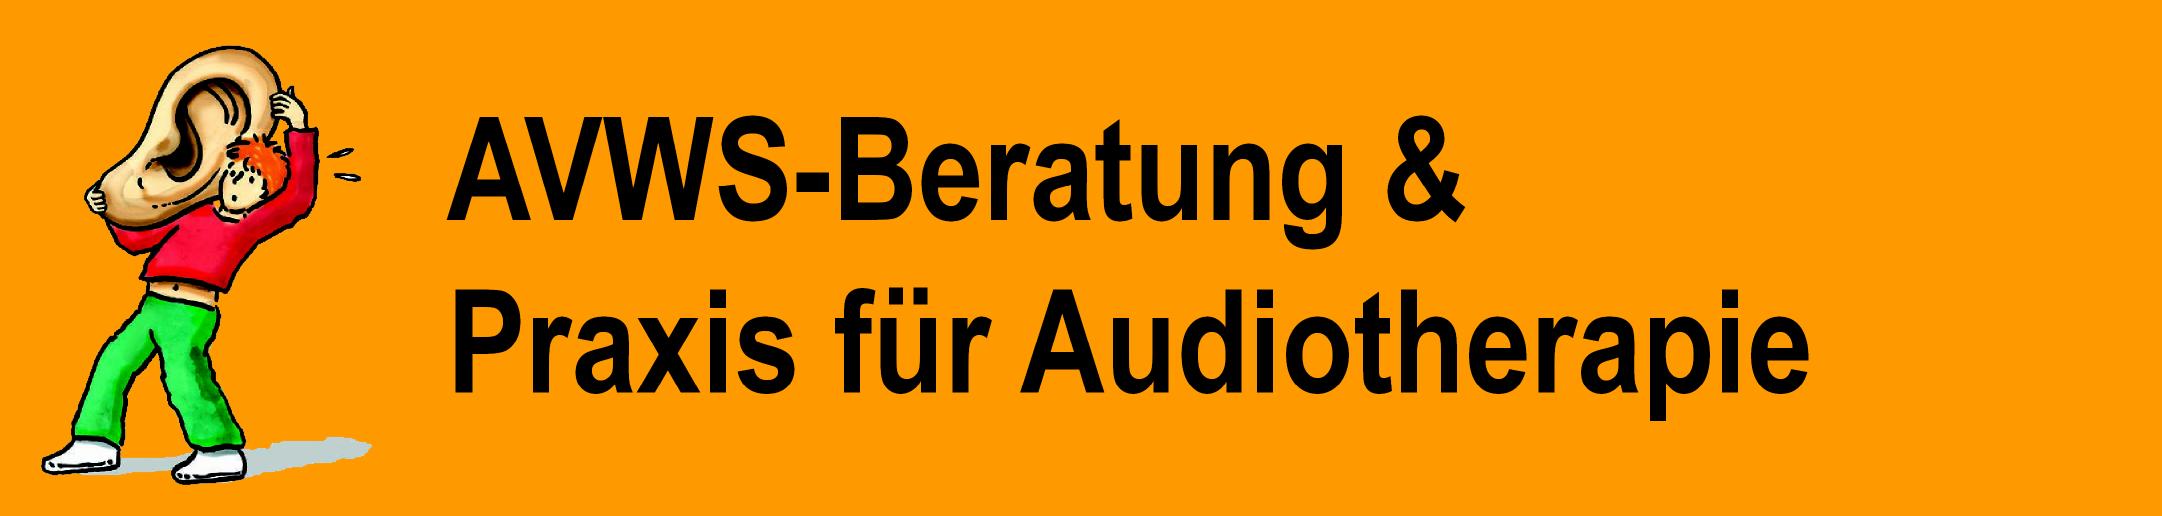 erklärung audiogramm fotos